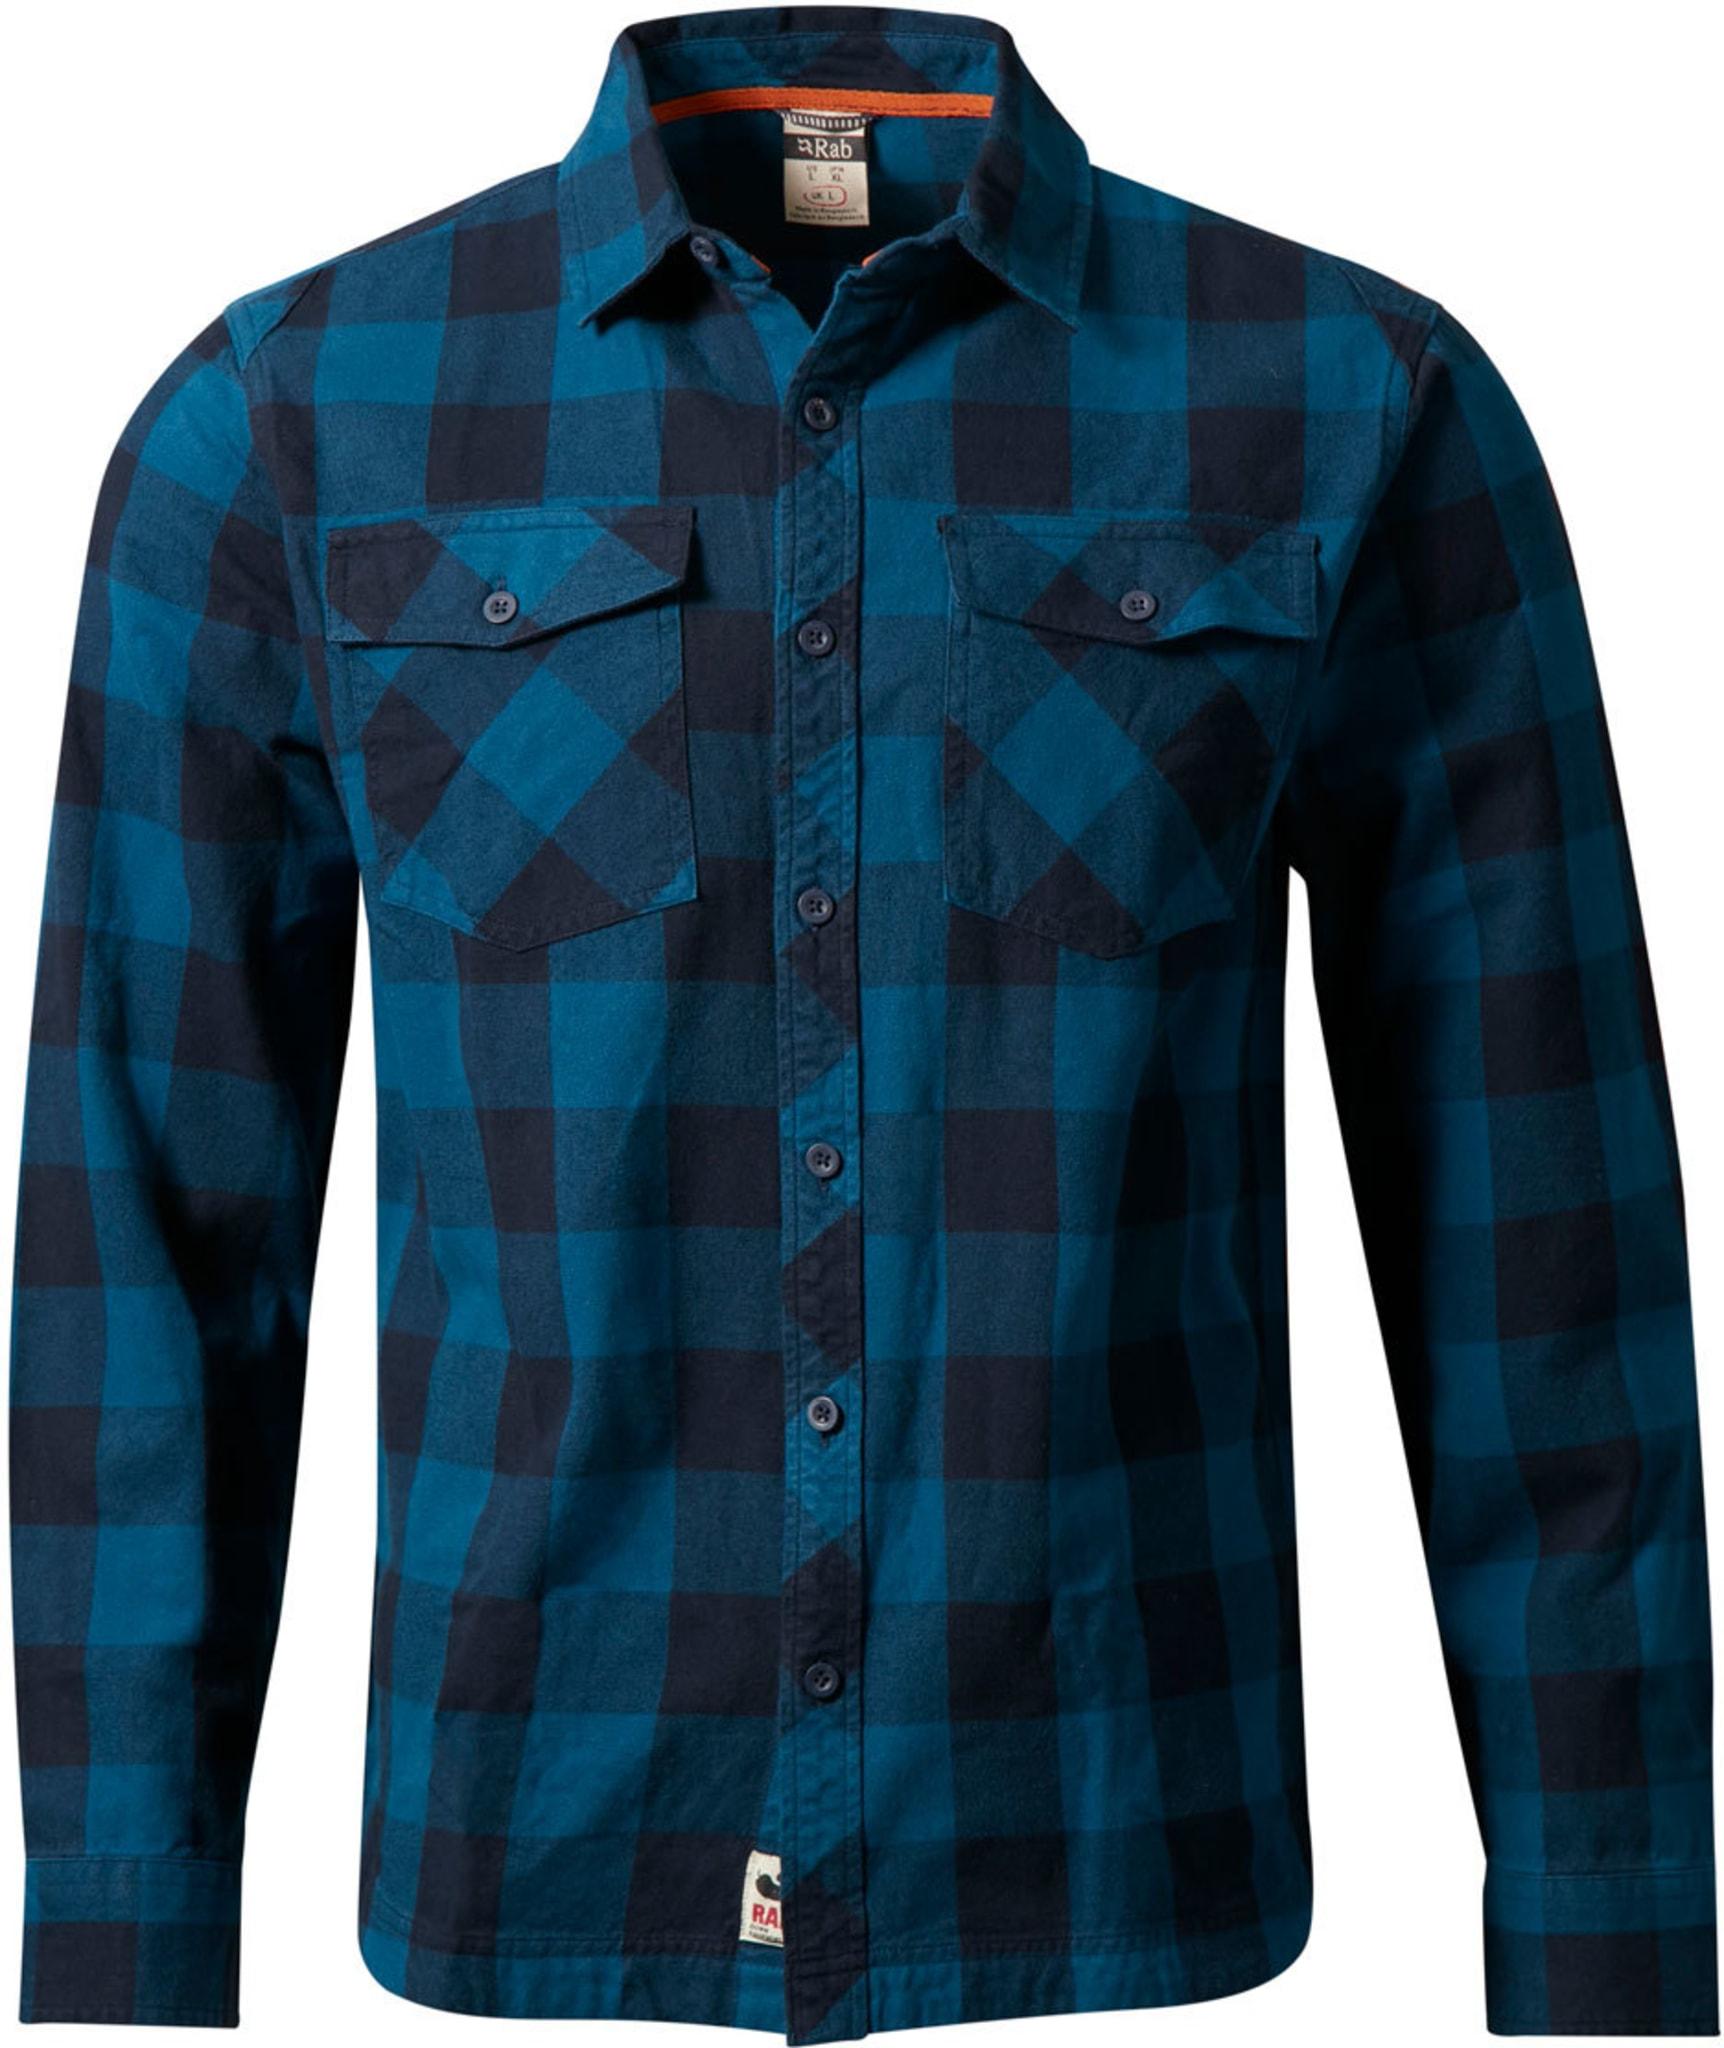 Klassisk skjorte i børstet bomullsmateriale